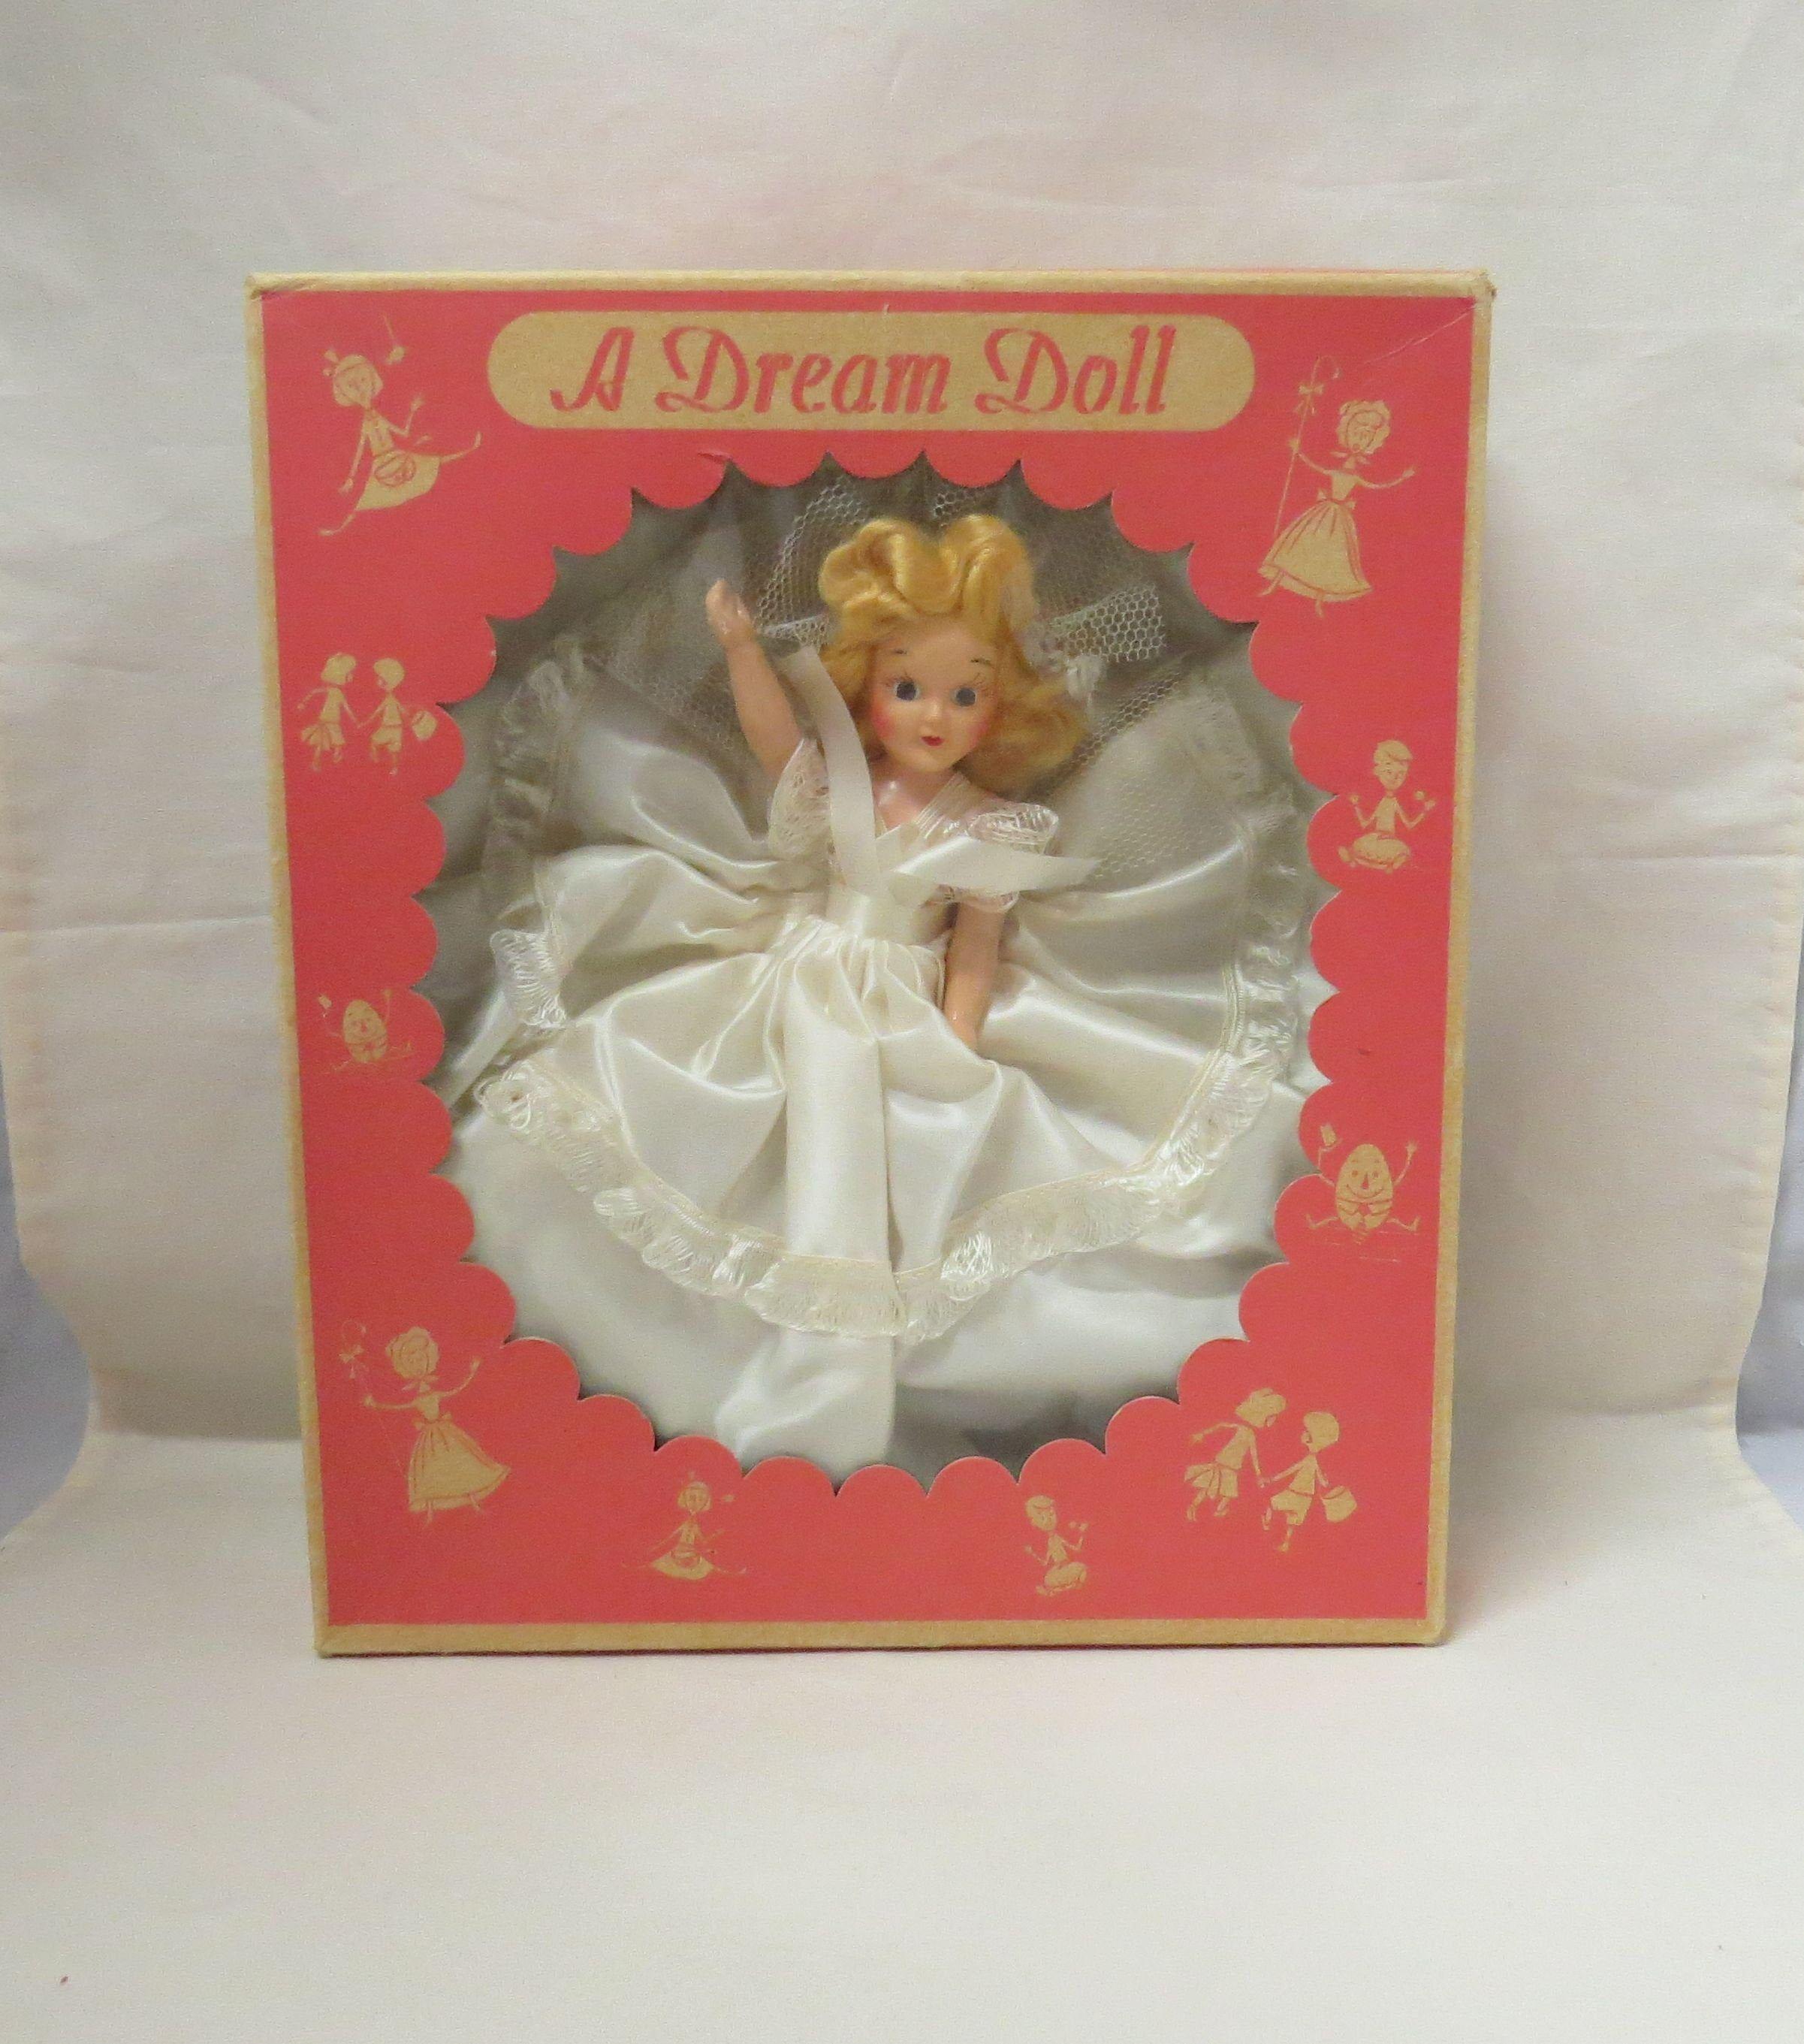 Vintage MINT IN BOX Bride Doll A Dream Doll Sleepy Eye Doll Bed Doll In Box A Modern Product #bridedolls